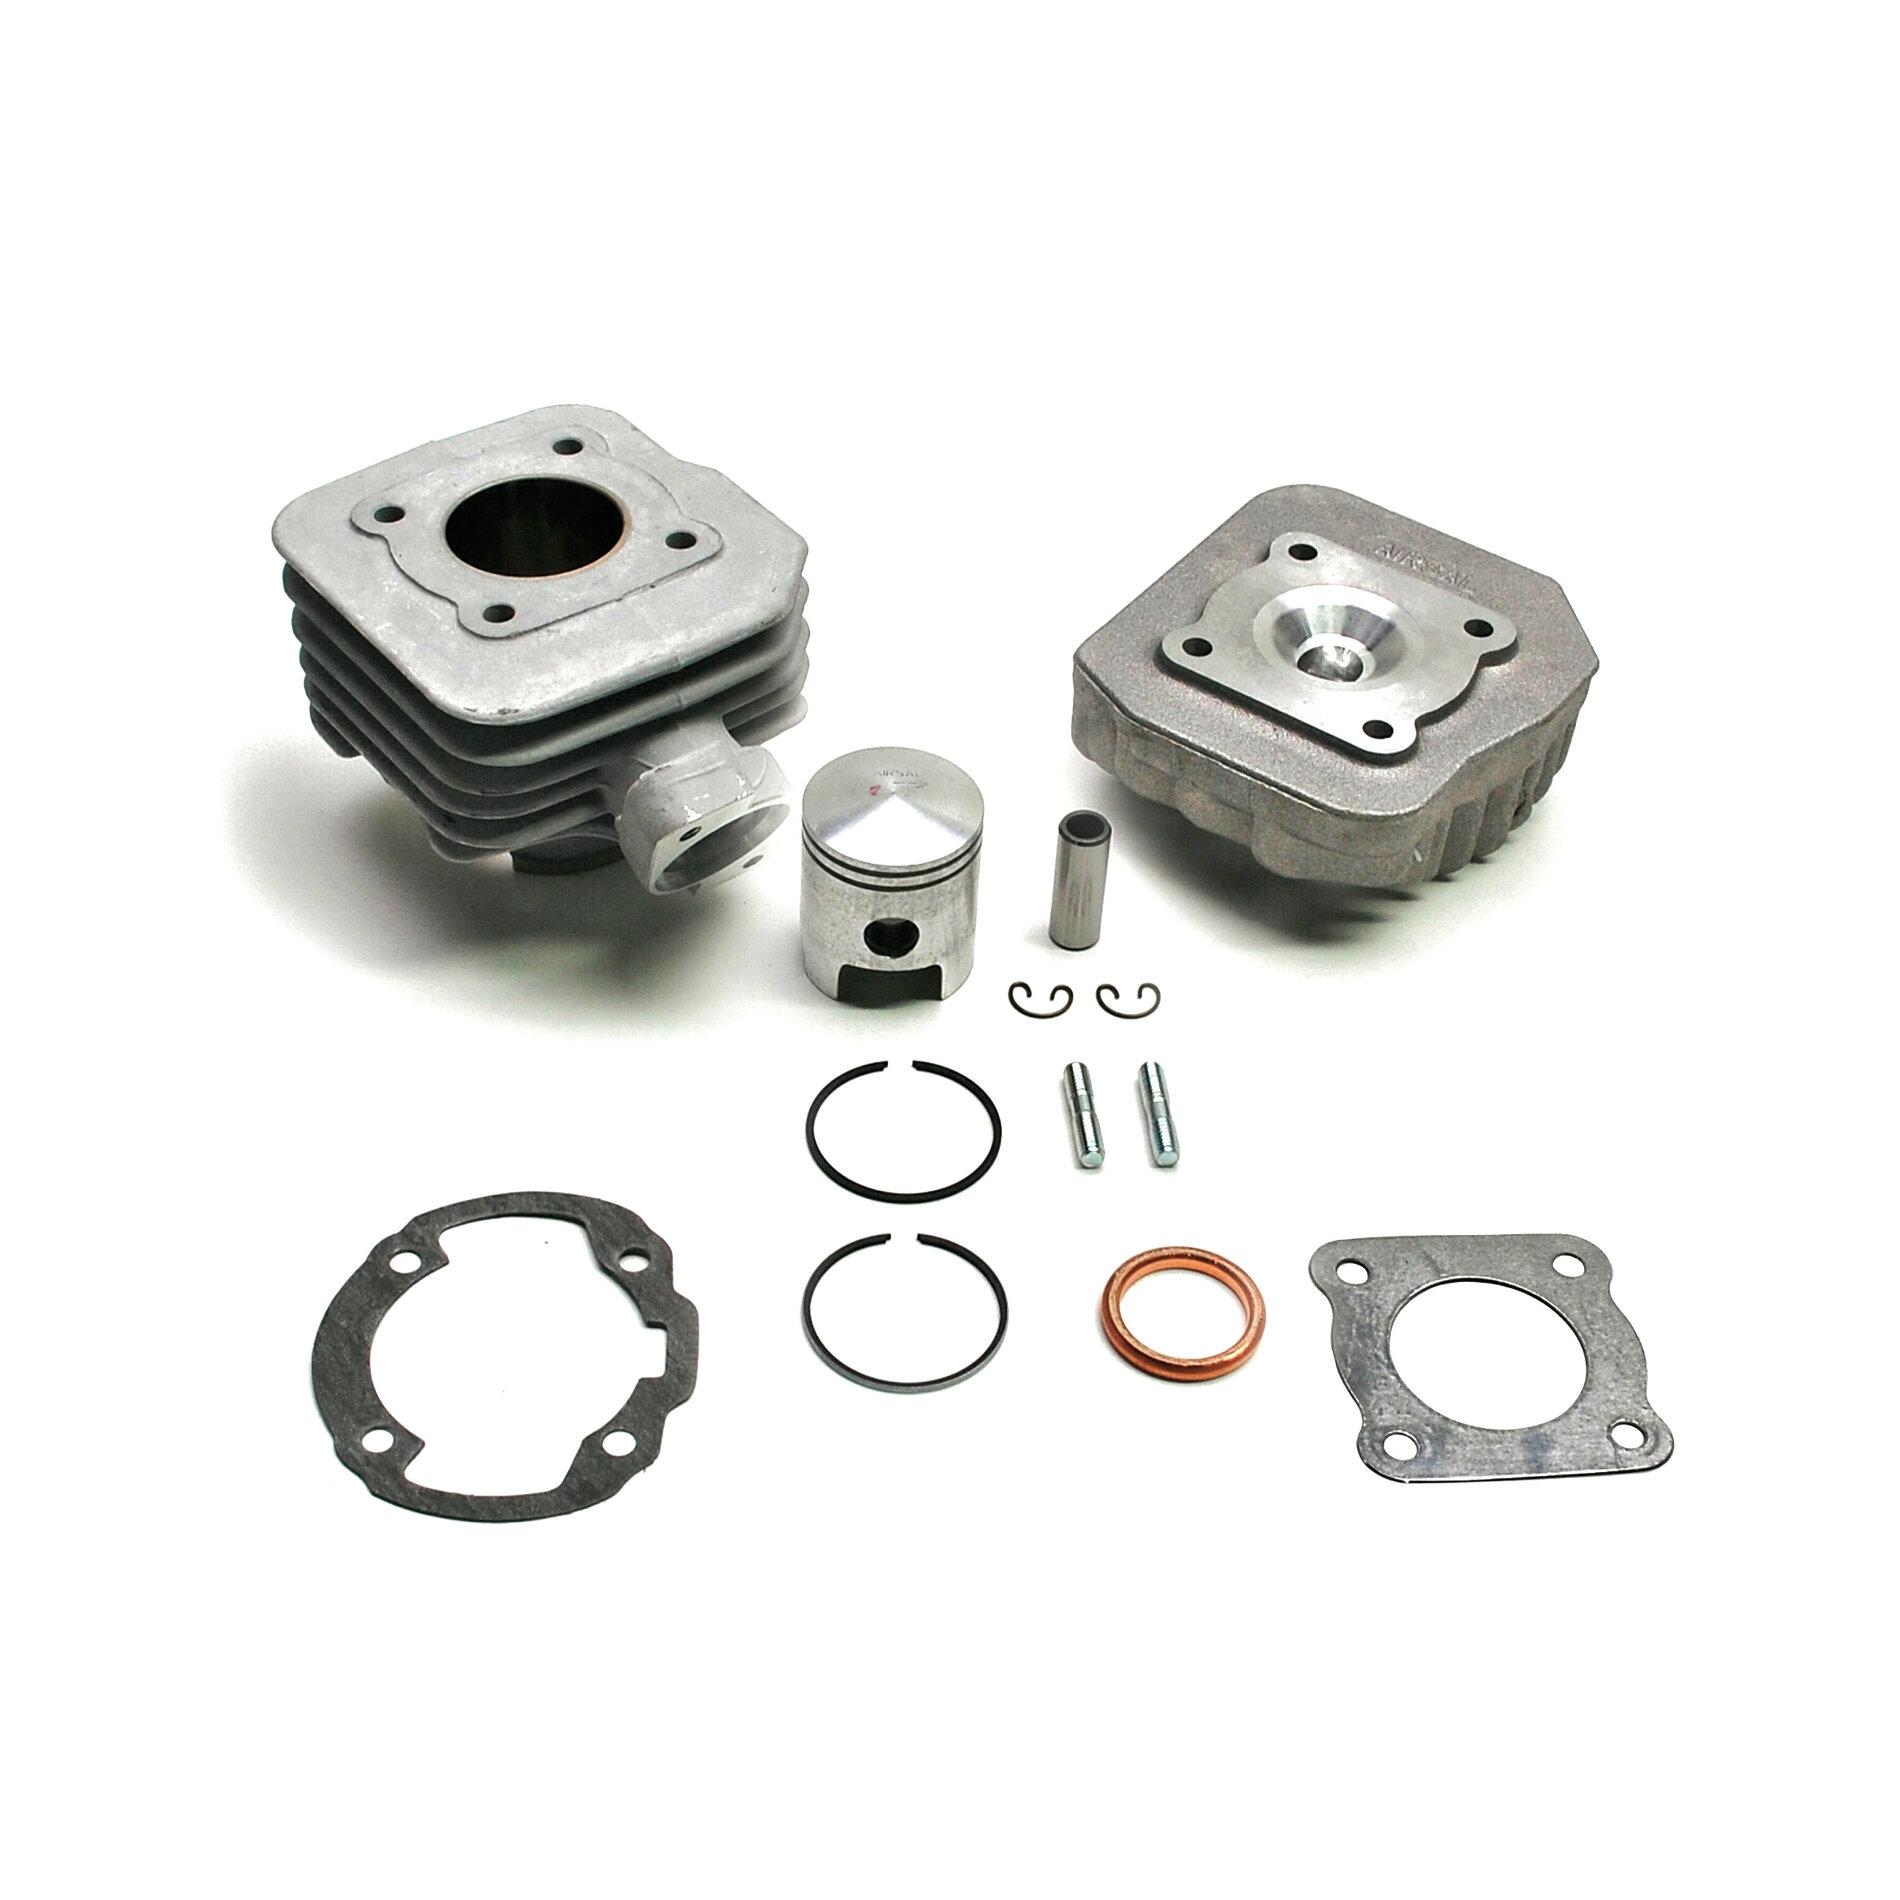 Cylindre Culasse Airsal alu adaptable tkr/trekker/Speedfight air/vivac